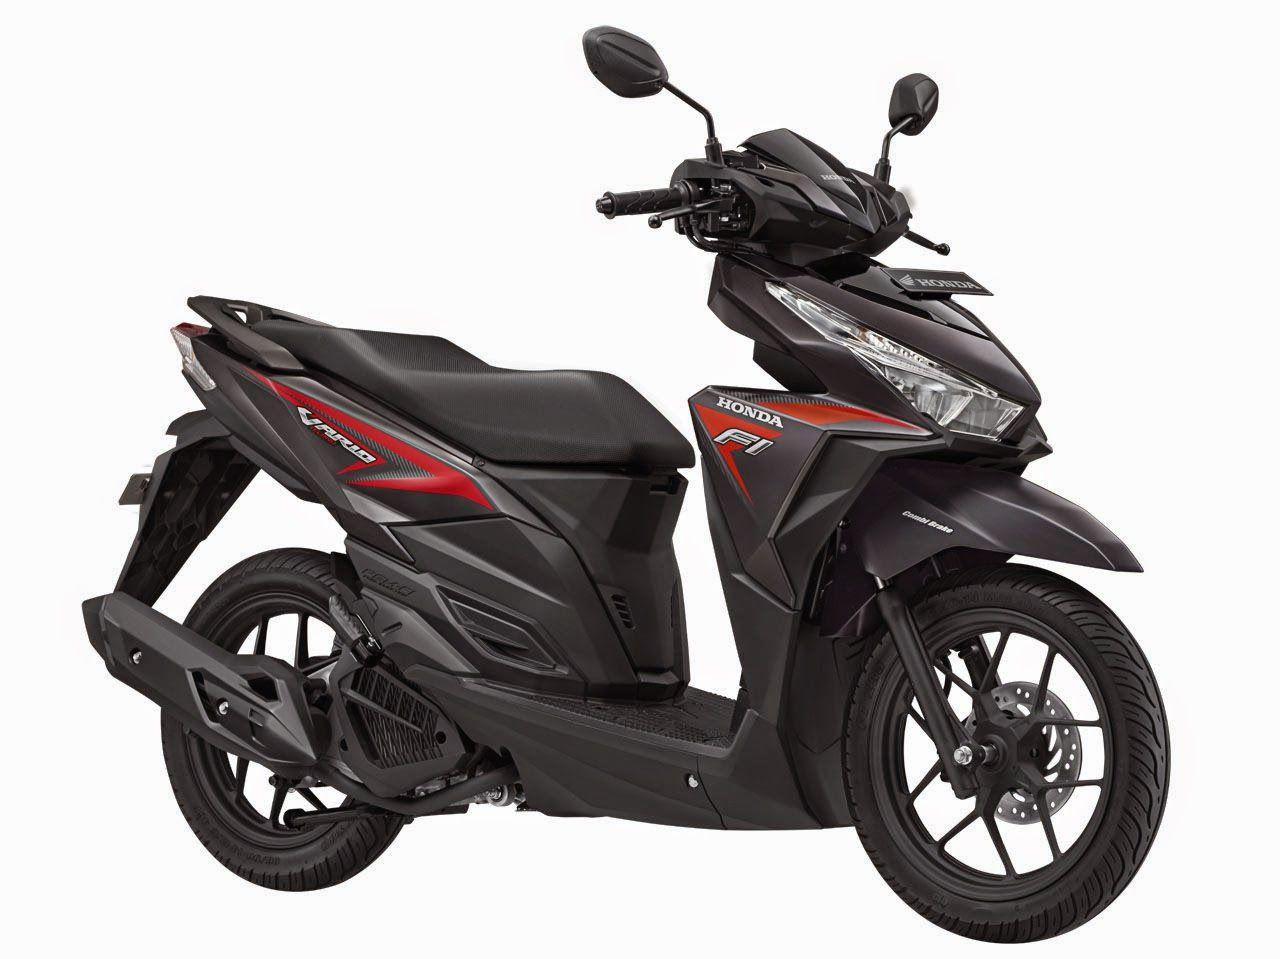 Kredit Motor Honda Vario 125 Esp Cbs Fi Kredit Motor Murah Honda Motor Motor Honda